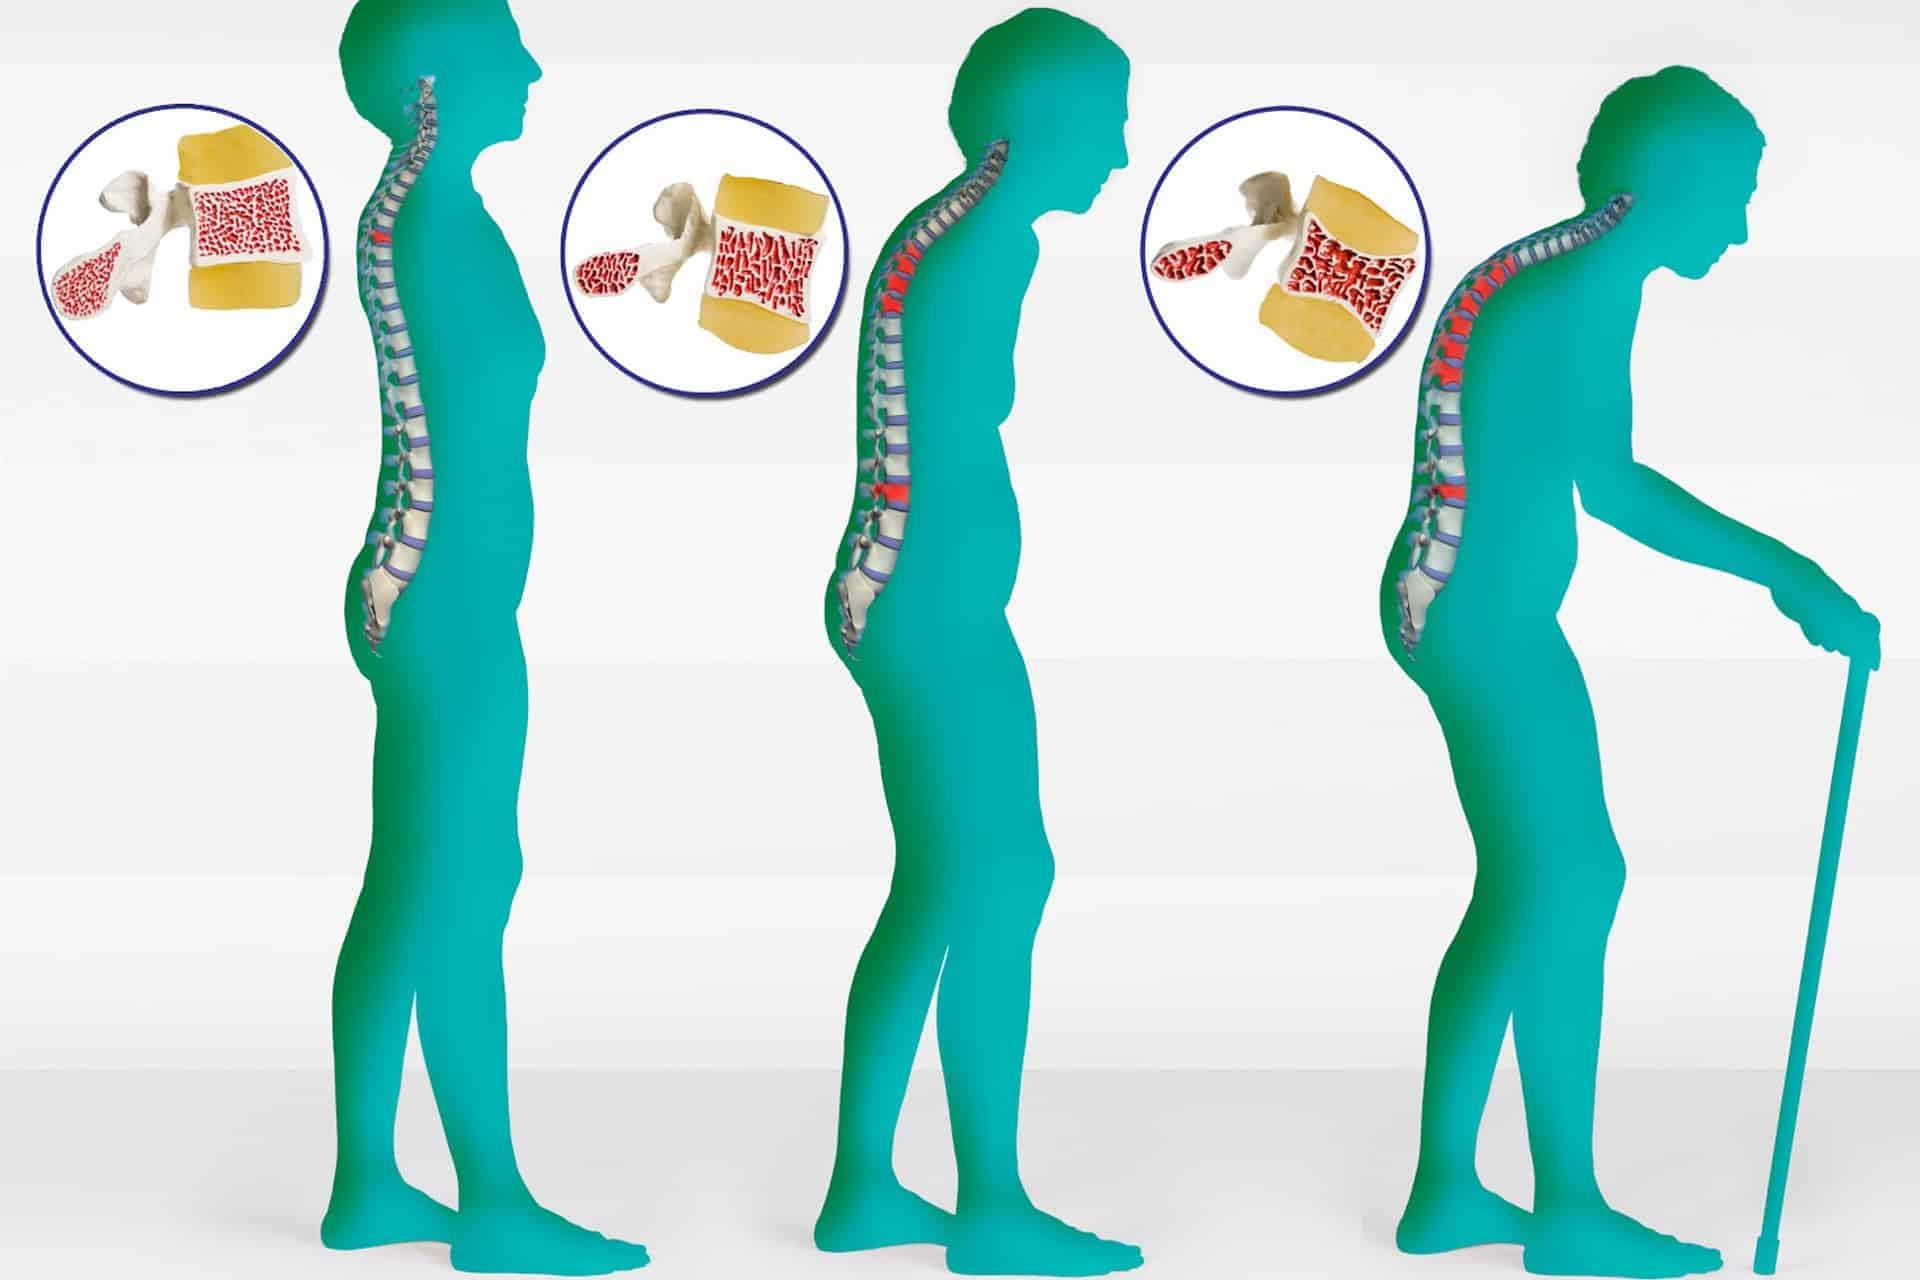 العوامل المتدخلة في الإصابة هشاشة العظام